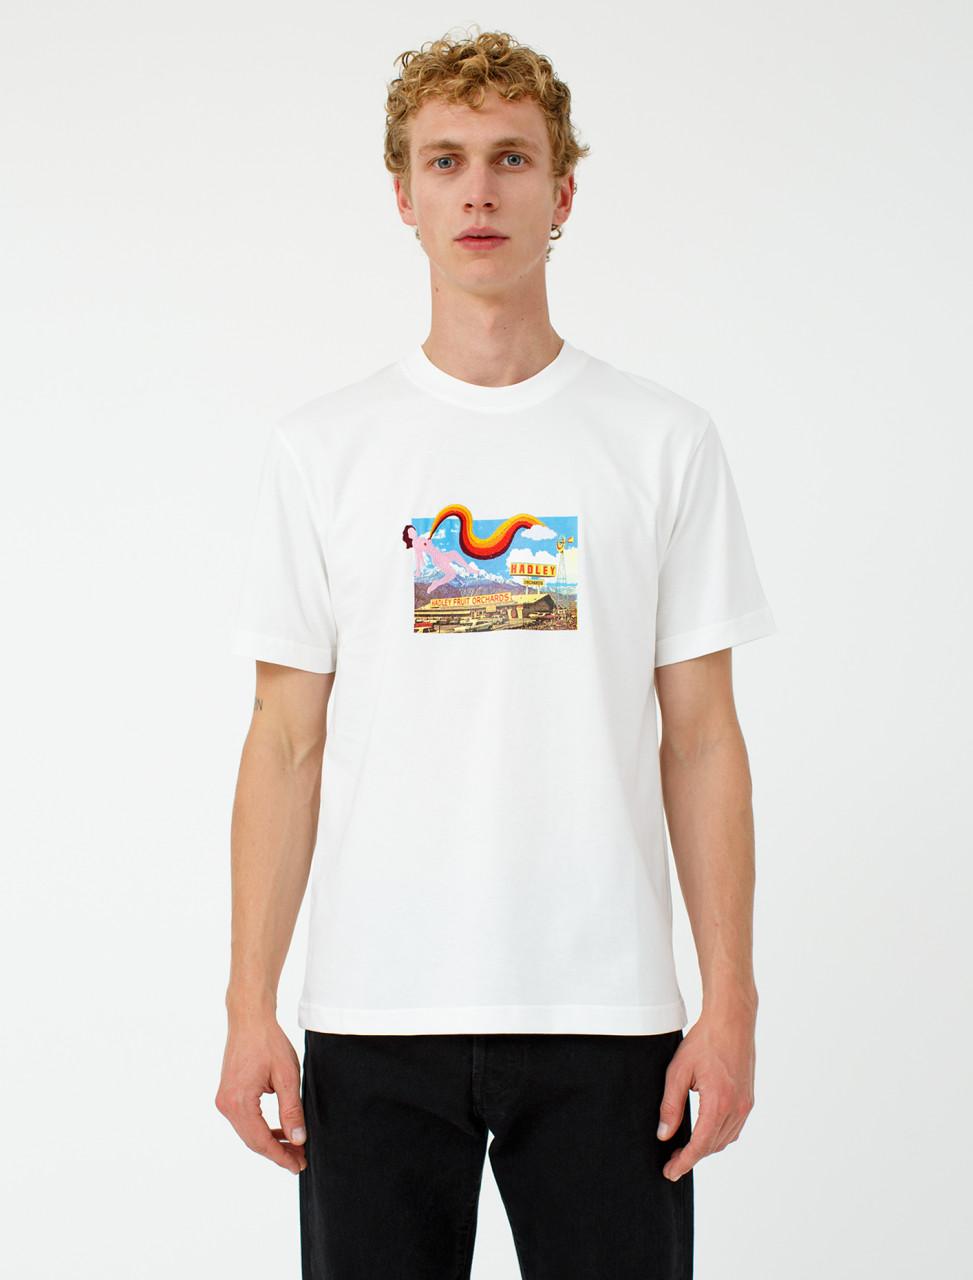 Leaking Beauty T-Shirt